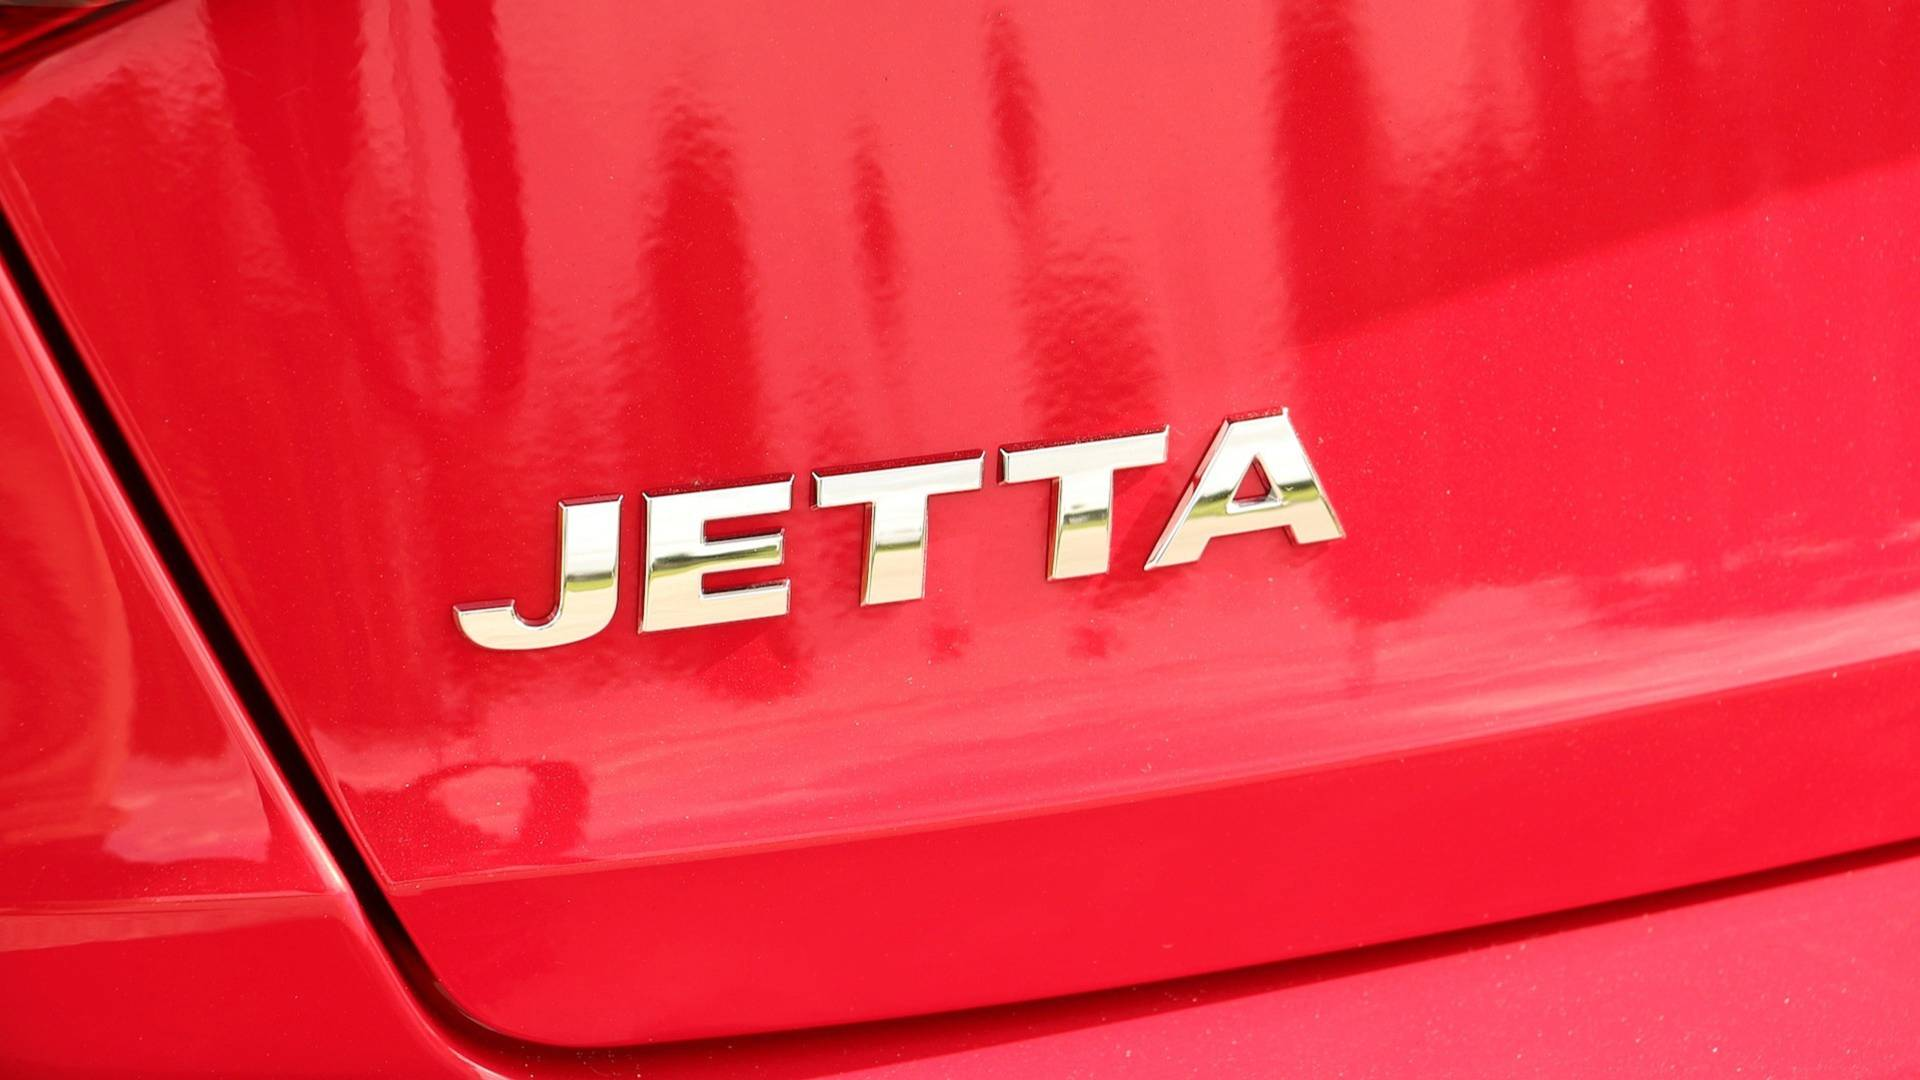 2019-volkswagen-jetta-review-17.jpg